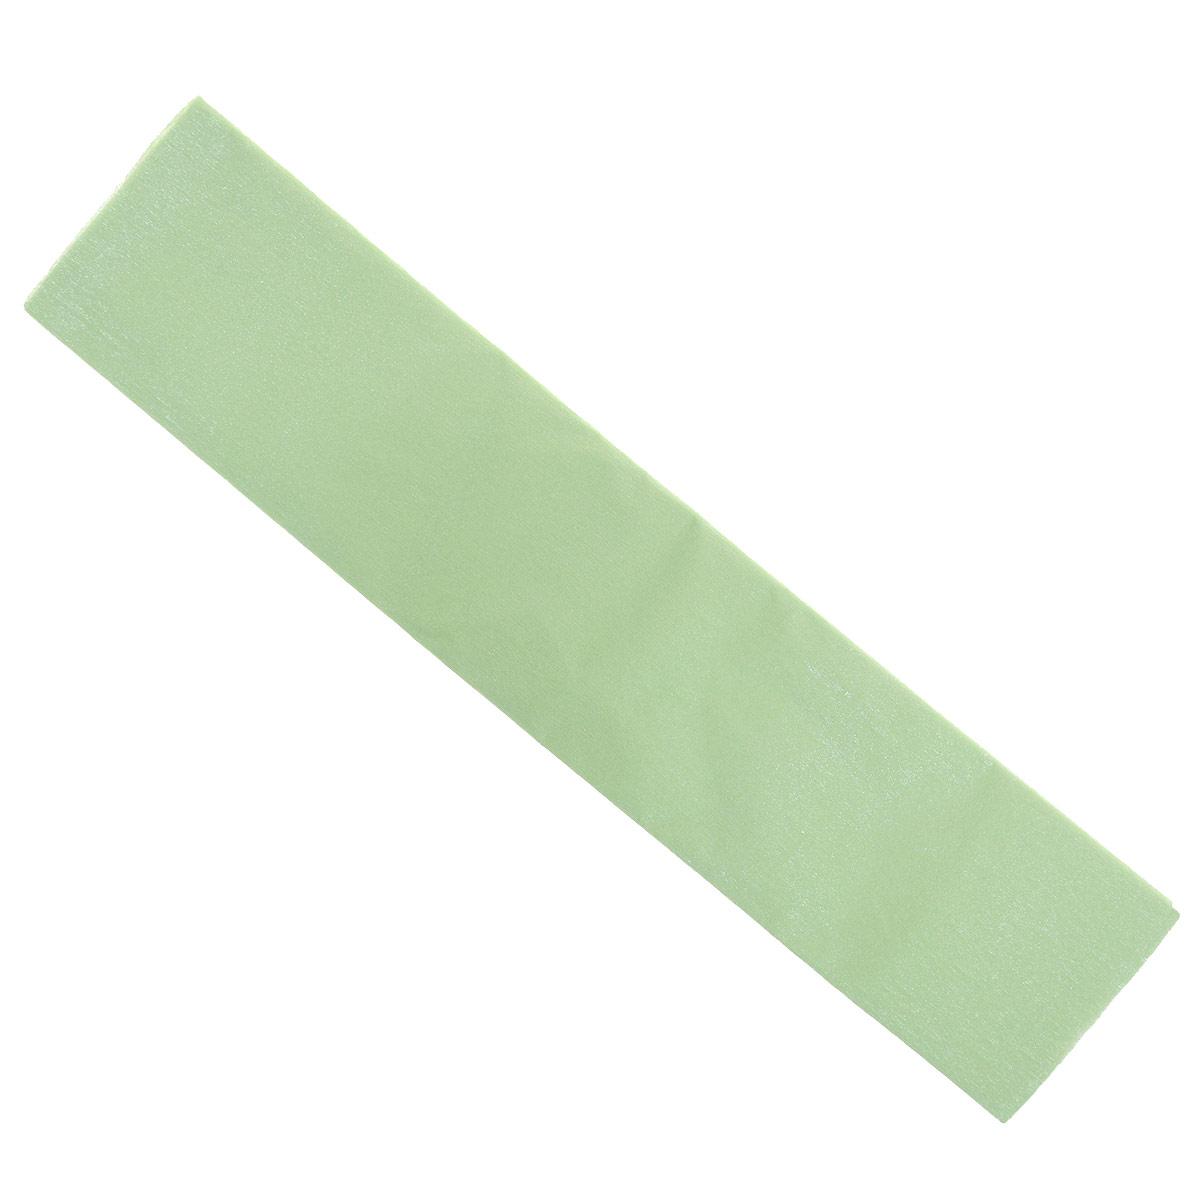 Крепированная бумага Hatber, перламутровая, цвет: светло-зеленый, 5 см х 25 смБк2пл_00007Цветная крепированная бумага Hatber - отличный вариант для развития творчества вашего ребенка. Бумага с фактурным покрытием очень гибкая и мягкая, из нее можно создавать чудесные аппликации, игрушки, подарки и объемные поделки.Цветная крепированная бумага Hatber способствует развитию фантазии, цветовосприятия и мелкой моторики рук.Размер бумаги - 5 см х 25 см.